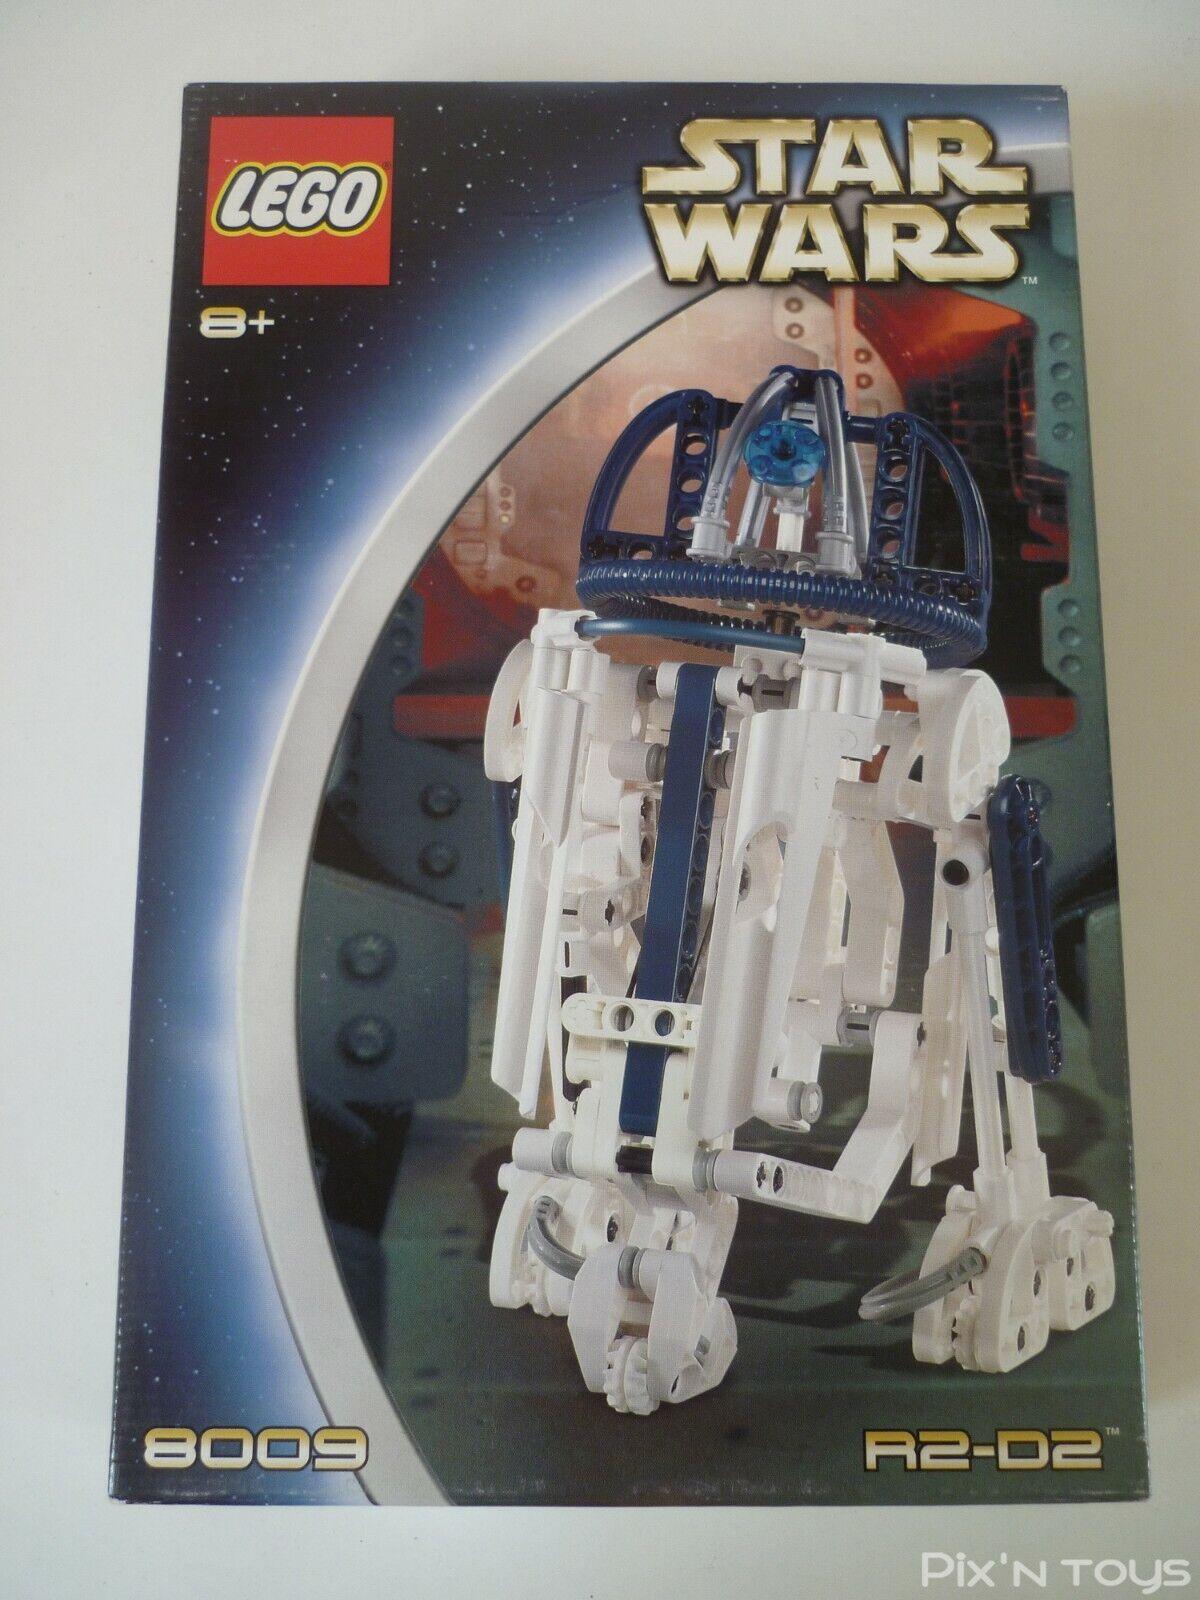 Lego Stern Wars 8009 R2-D2